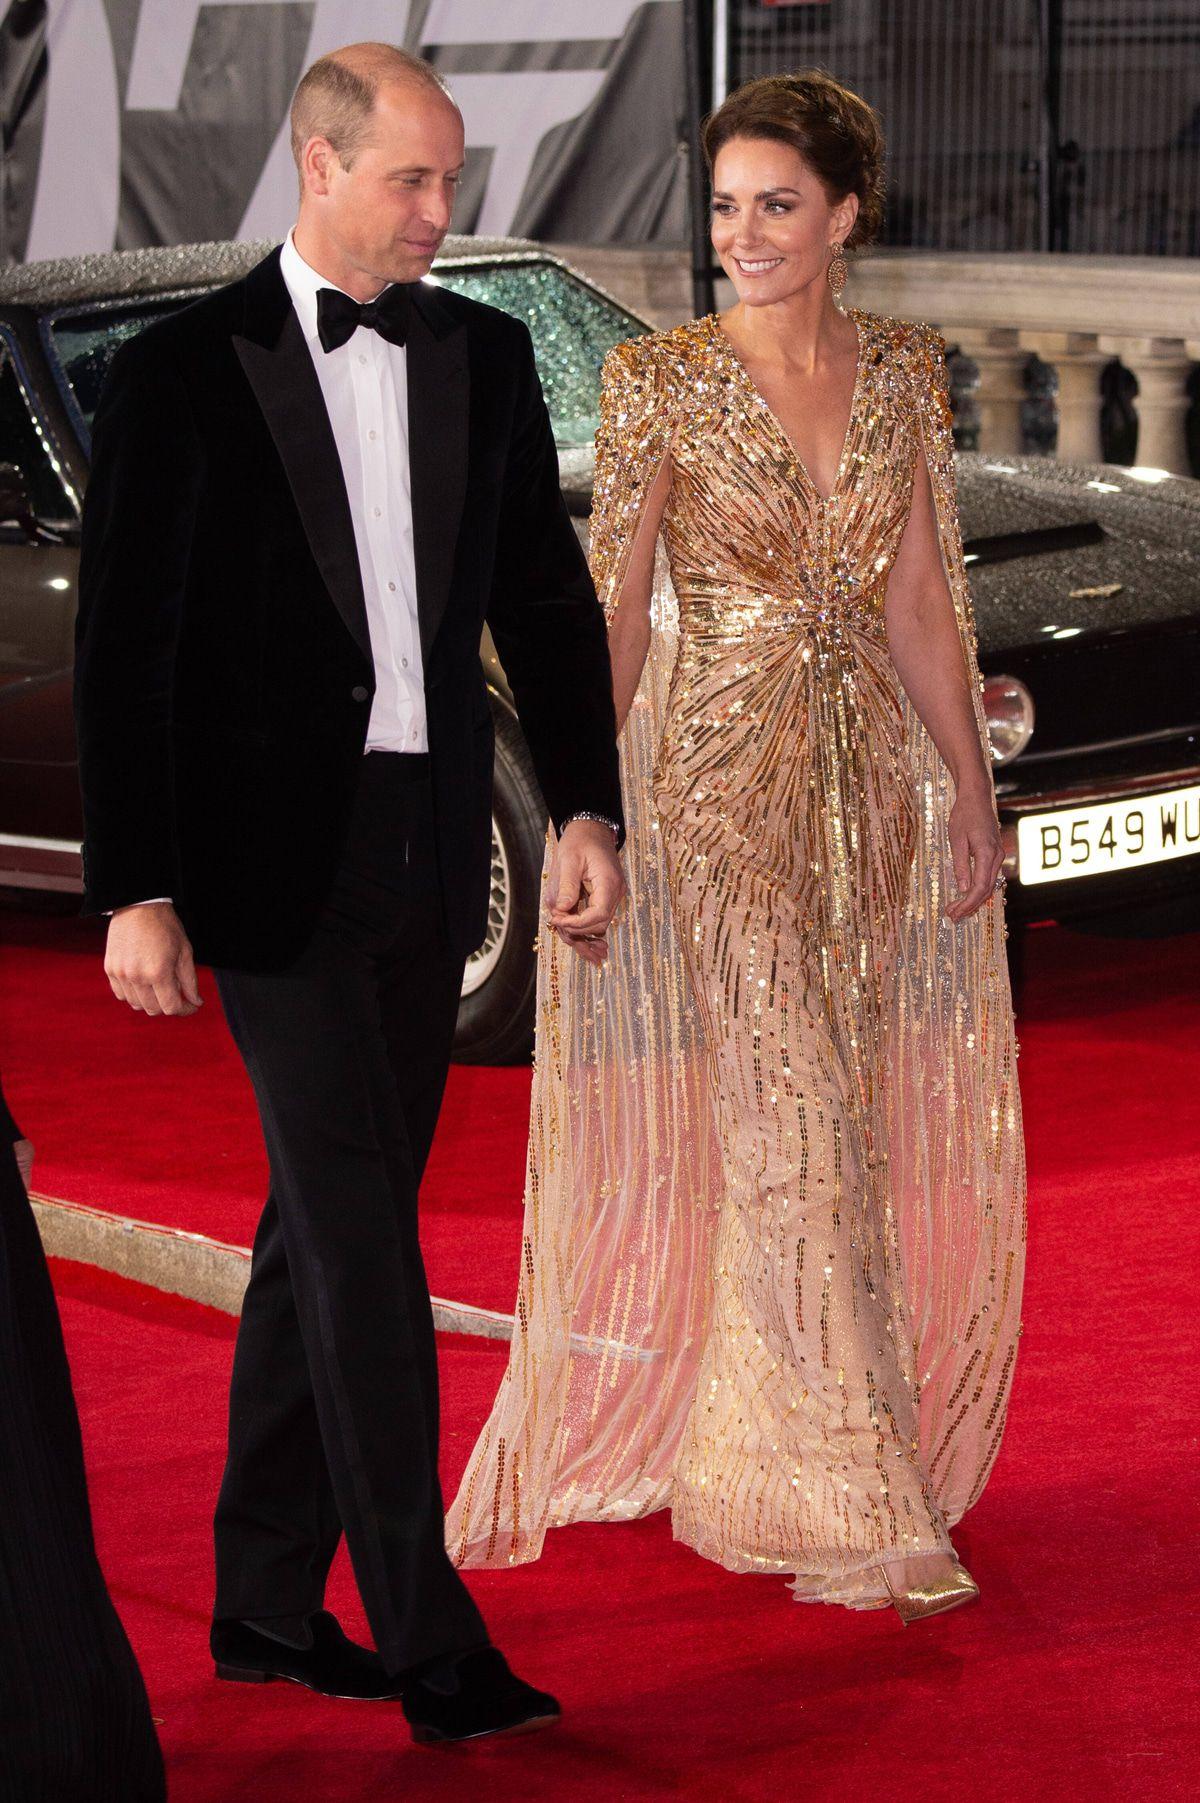 Ganz in Gold: Herzogin Kate funkelt bei Bond-Premiere